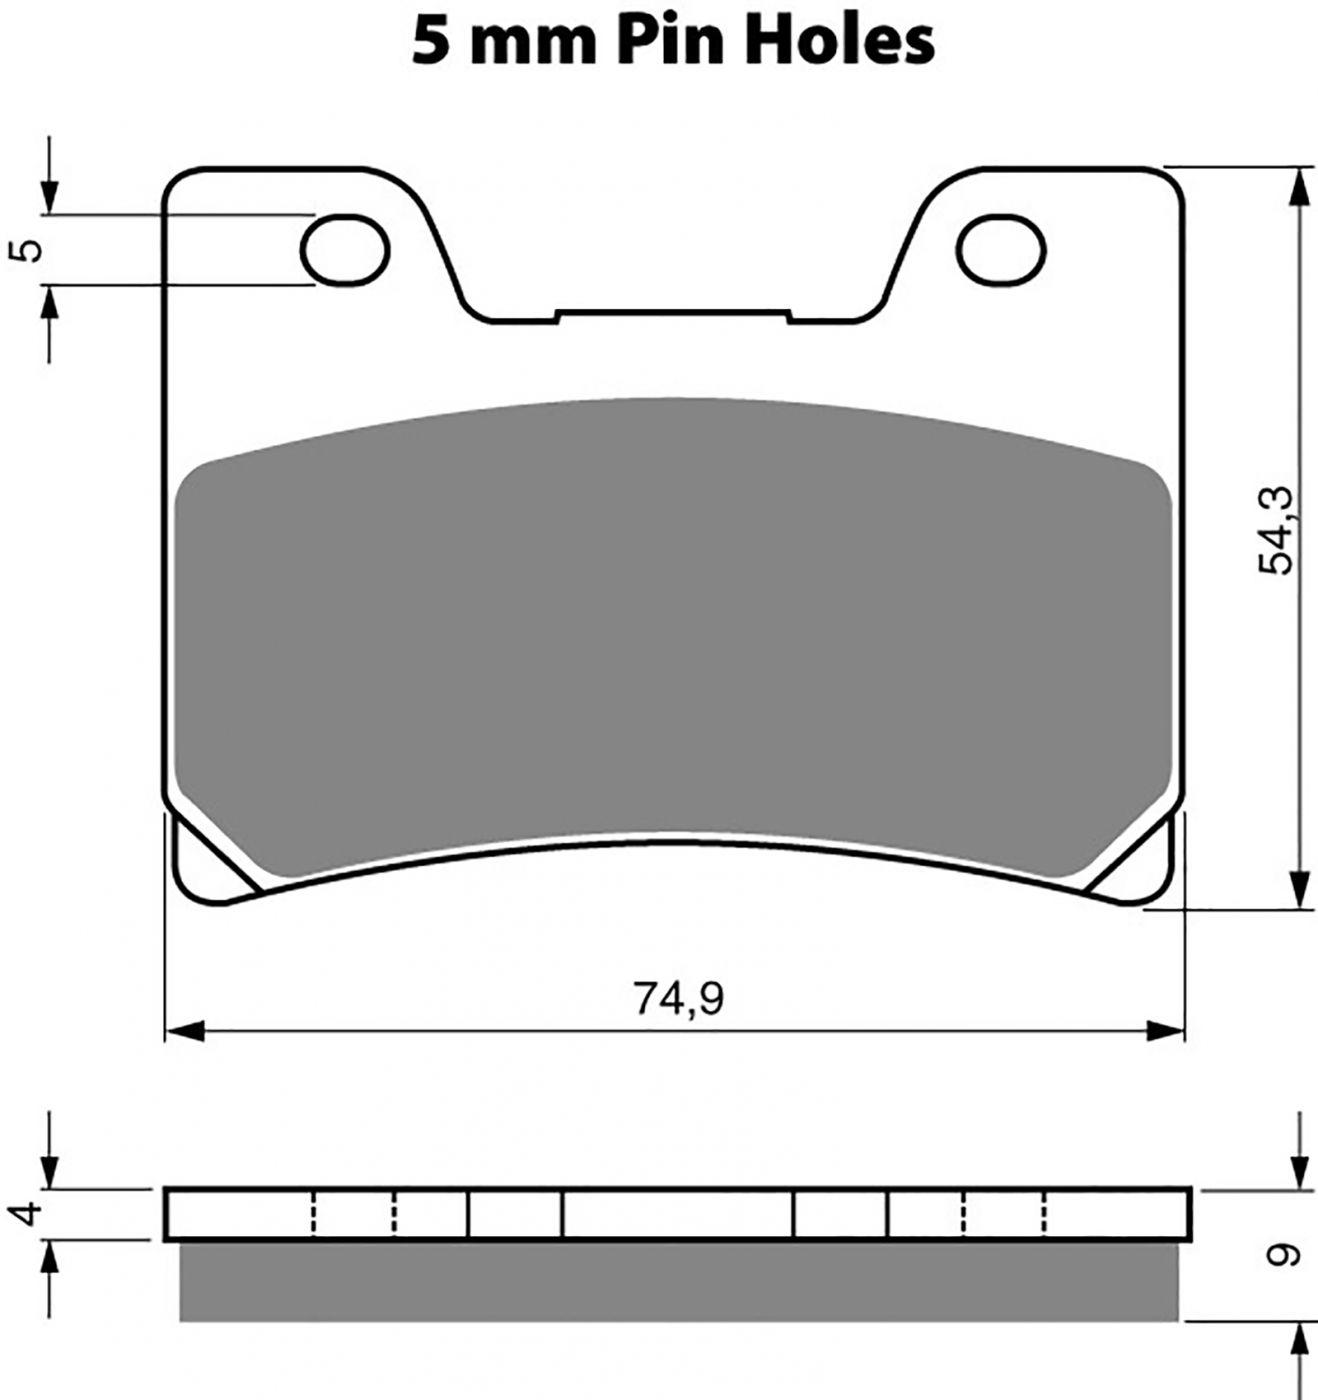 goldfren ad brake pads - 700028GA image